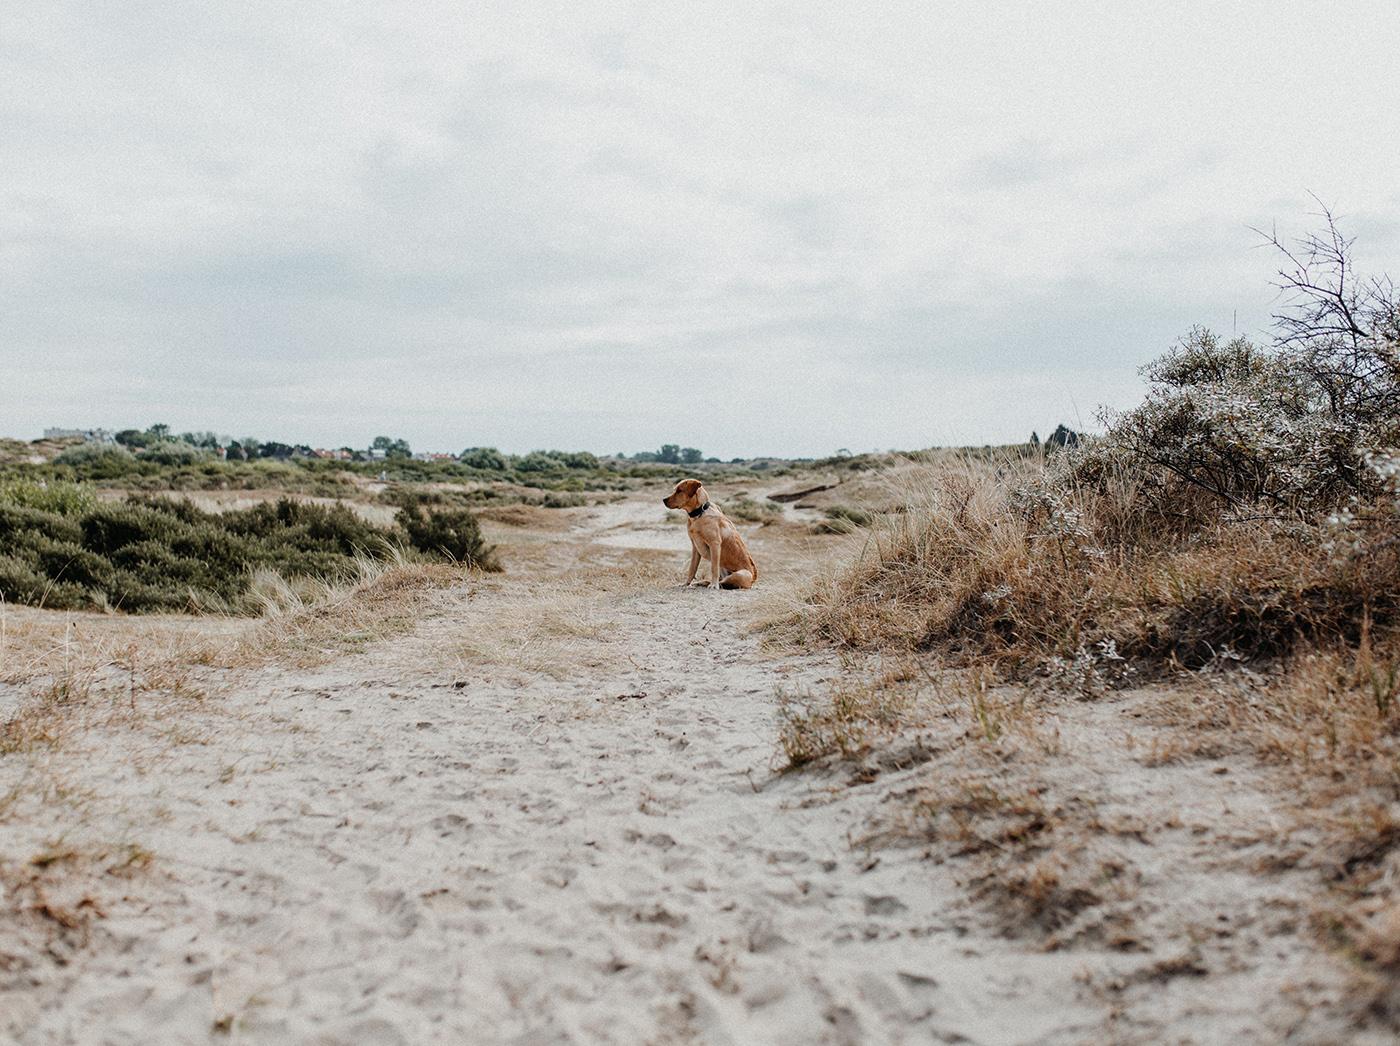 Traumanufaktur_Reisereportage_Niederlande_Zaandvoort_Urlaub_mit_Hund_20.jpg